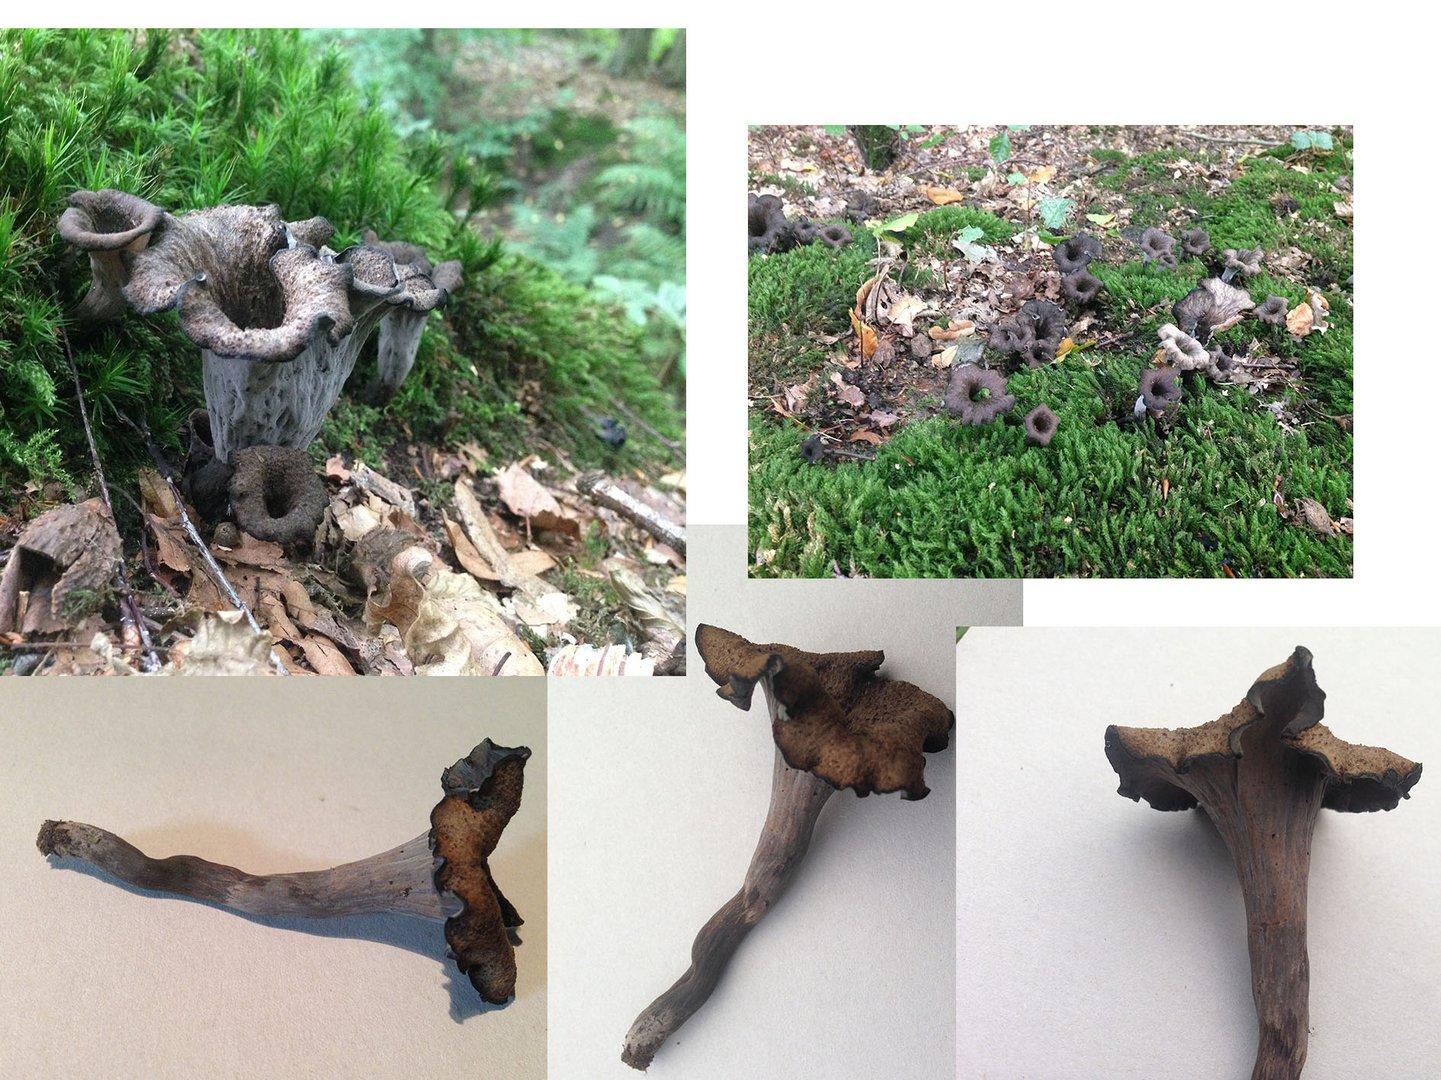 Welcher Pilz ist das? Herbsttrompeten?